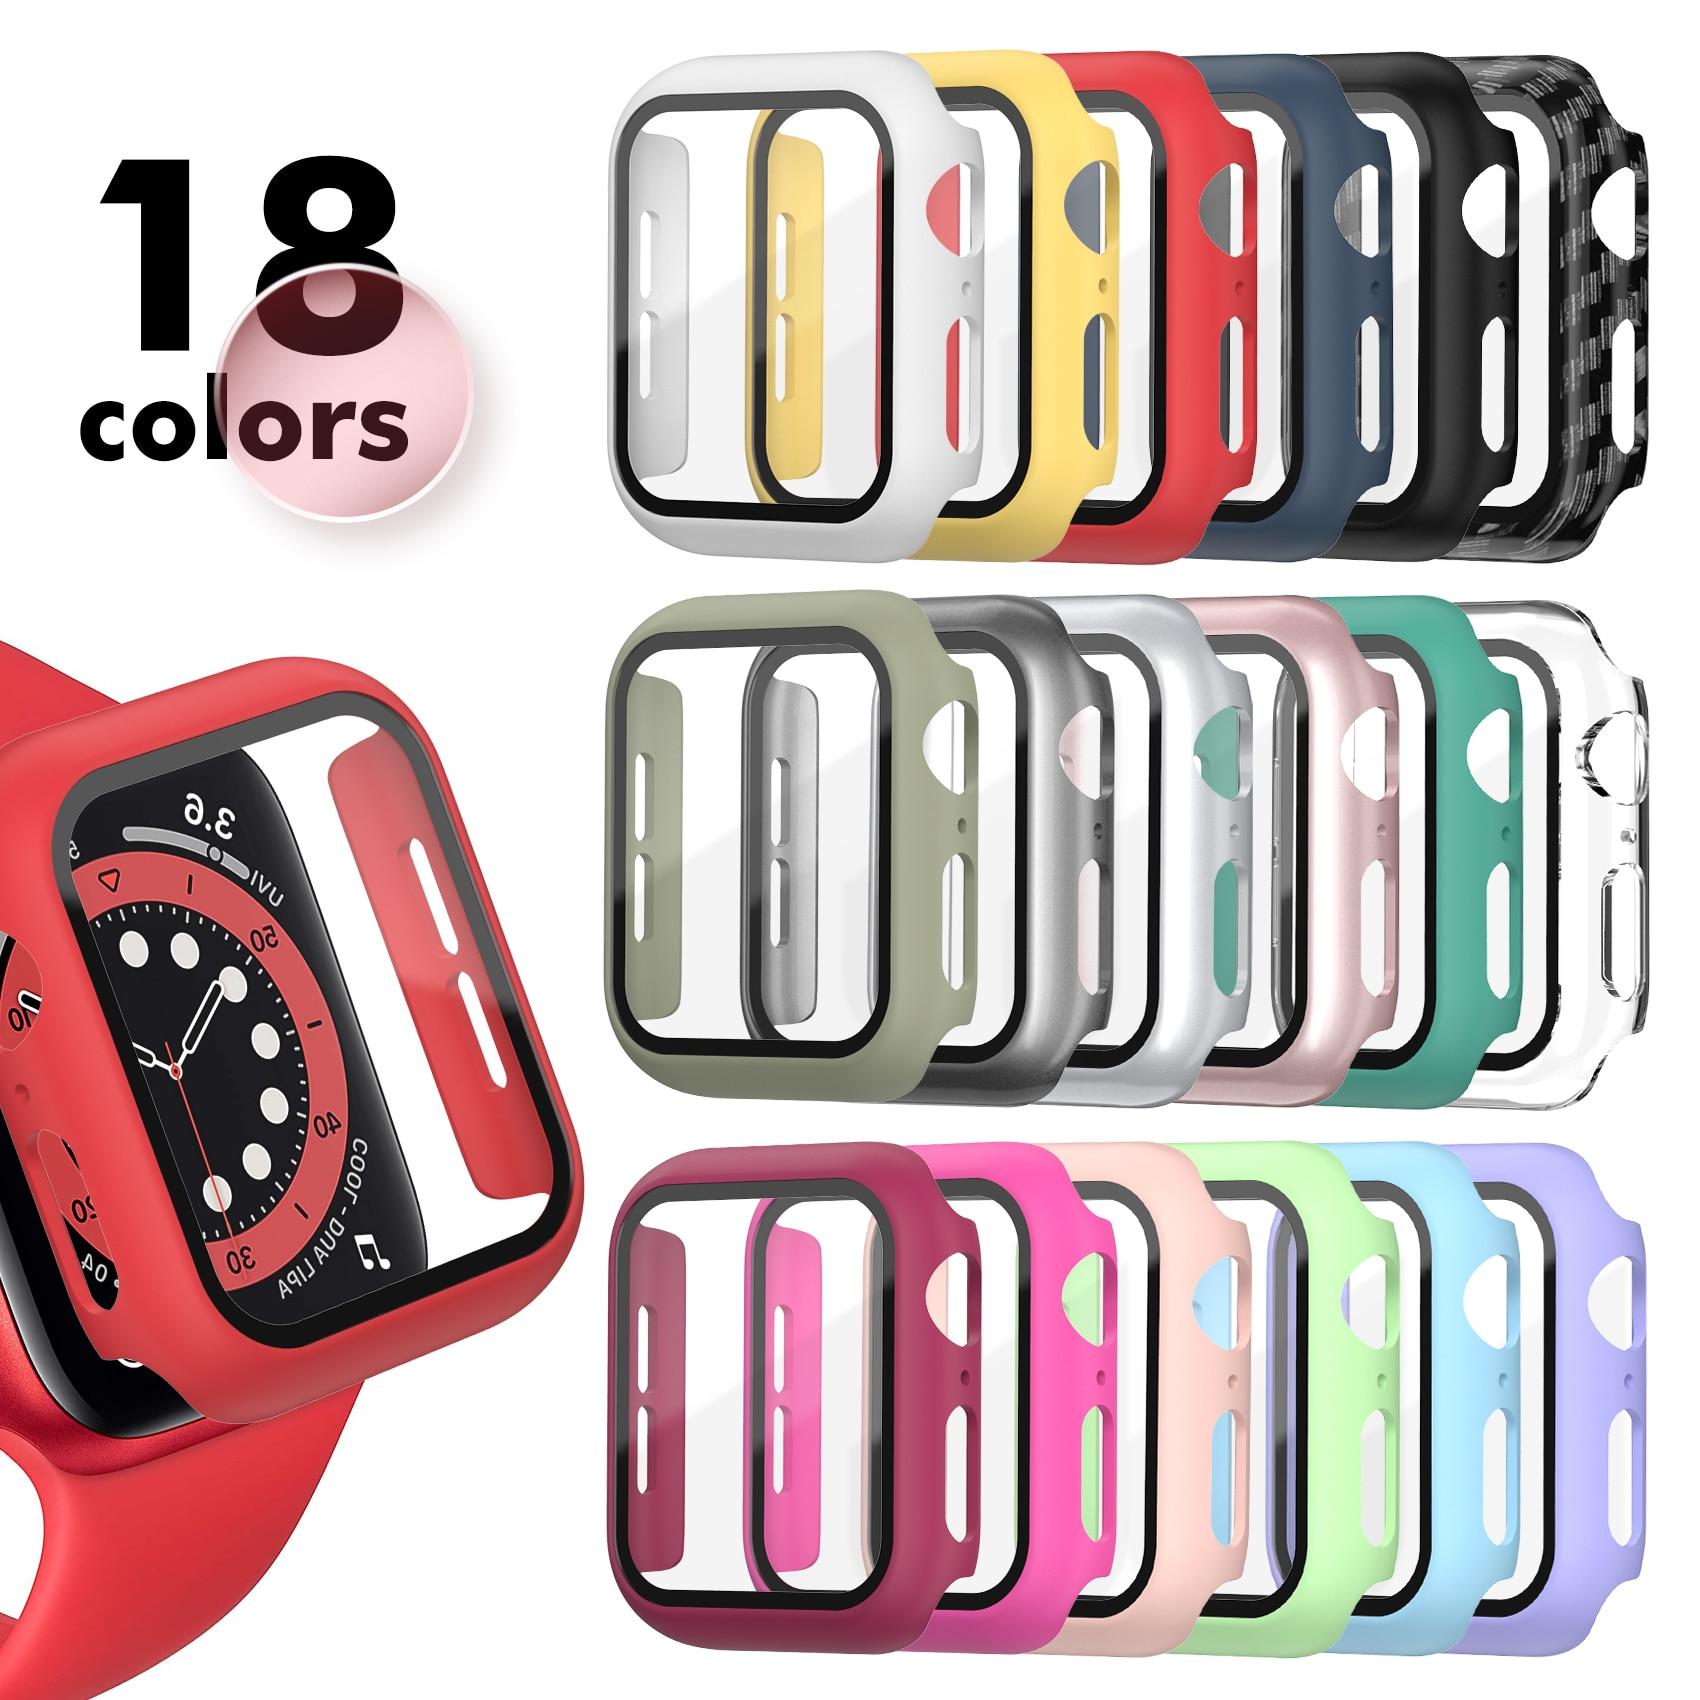 강화 유리 + 매트 시계 커버 애플 시계 케이스 44mm 40mm 42mm 38mm 범퍼 + 화면 보호기 Iwatch SE 6 5 4 3 2 1